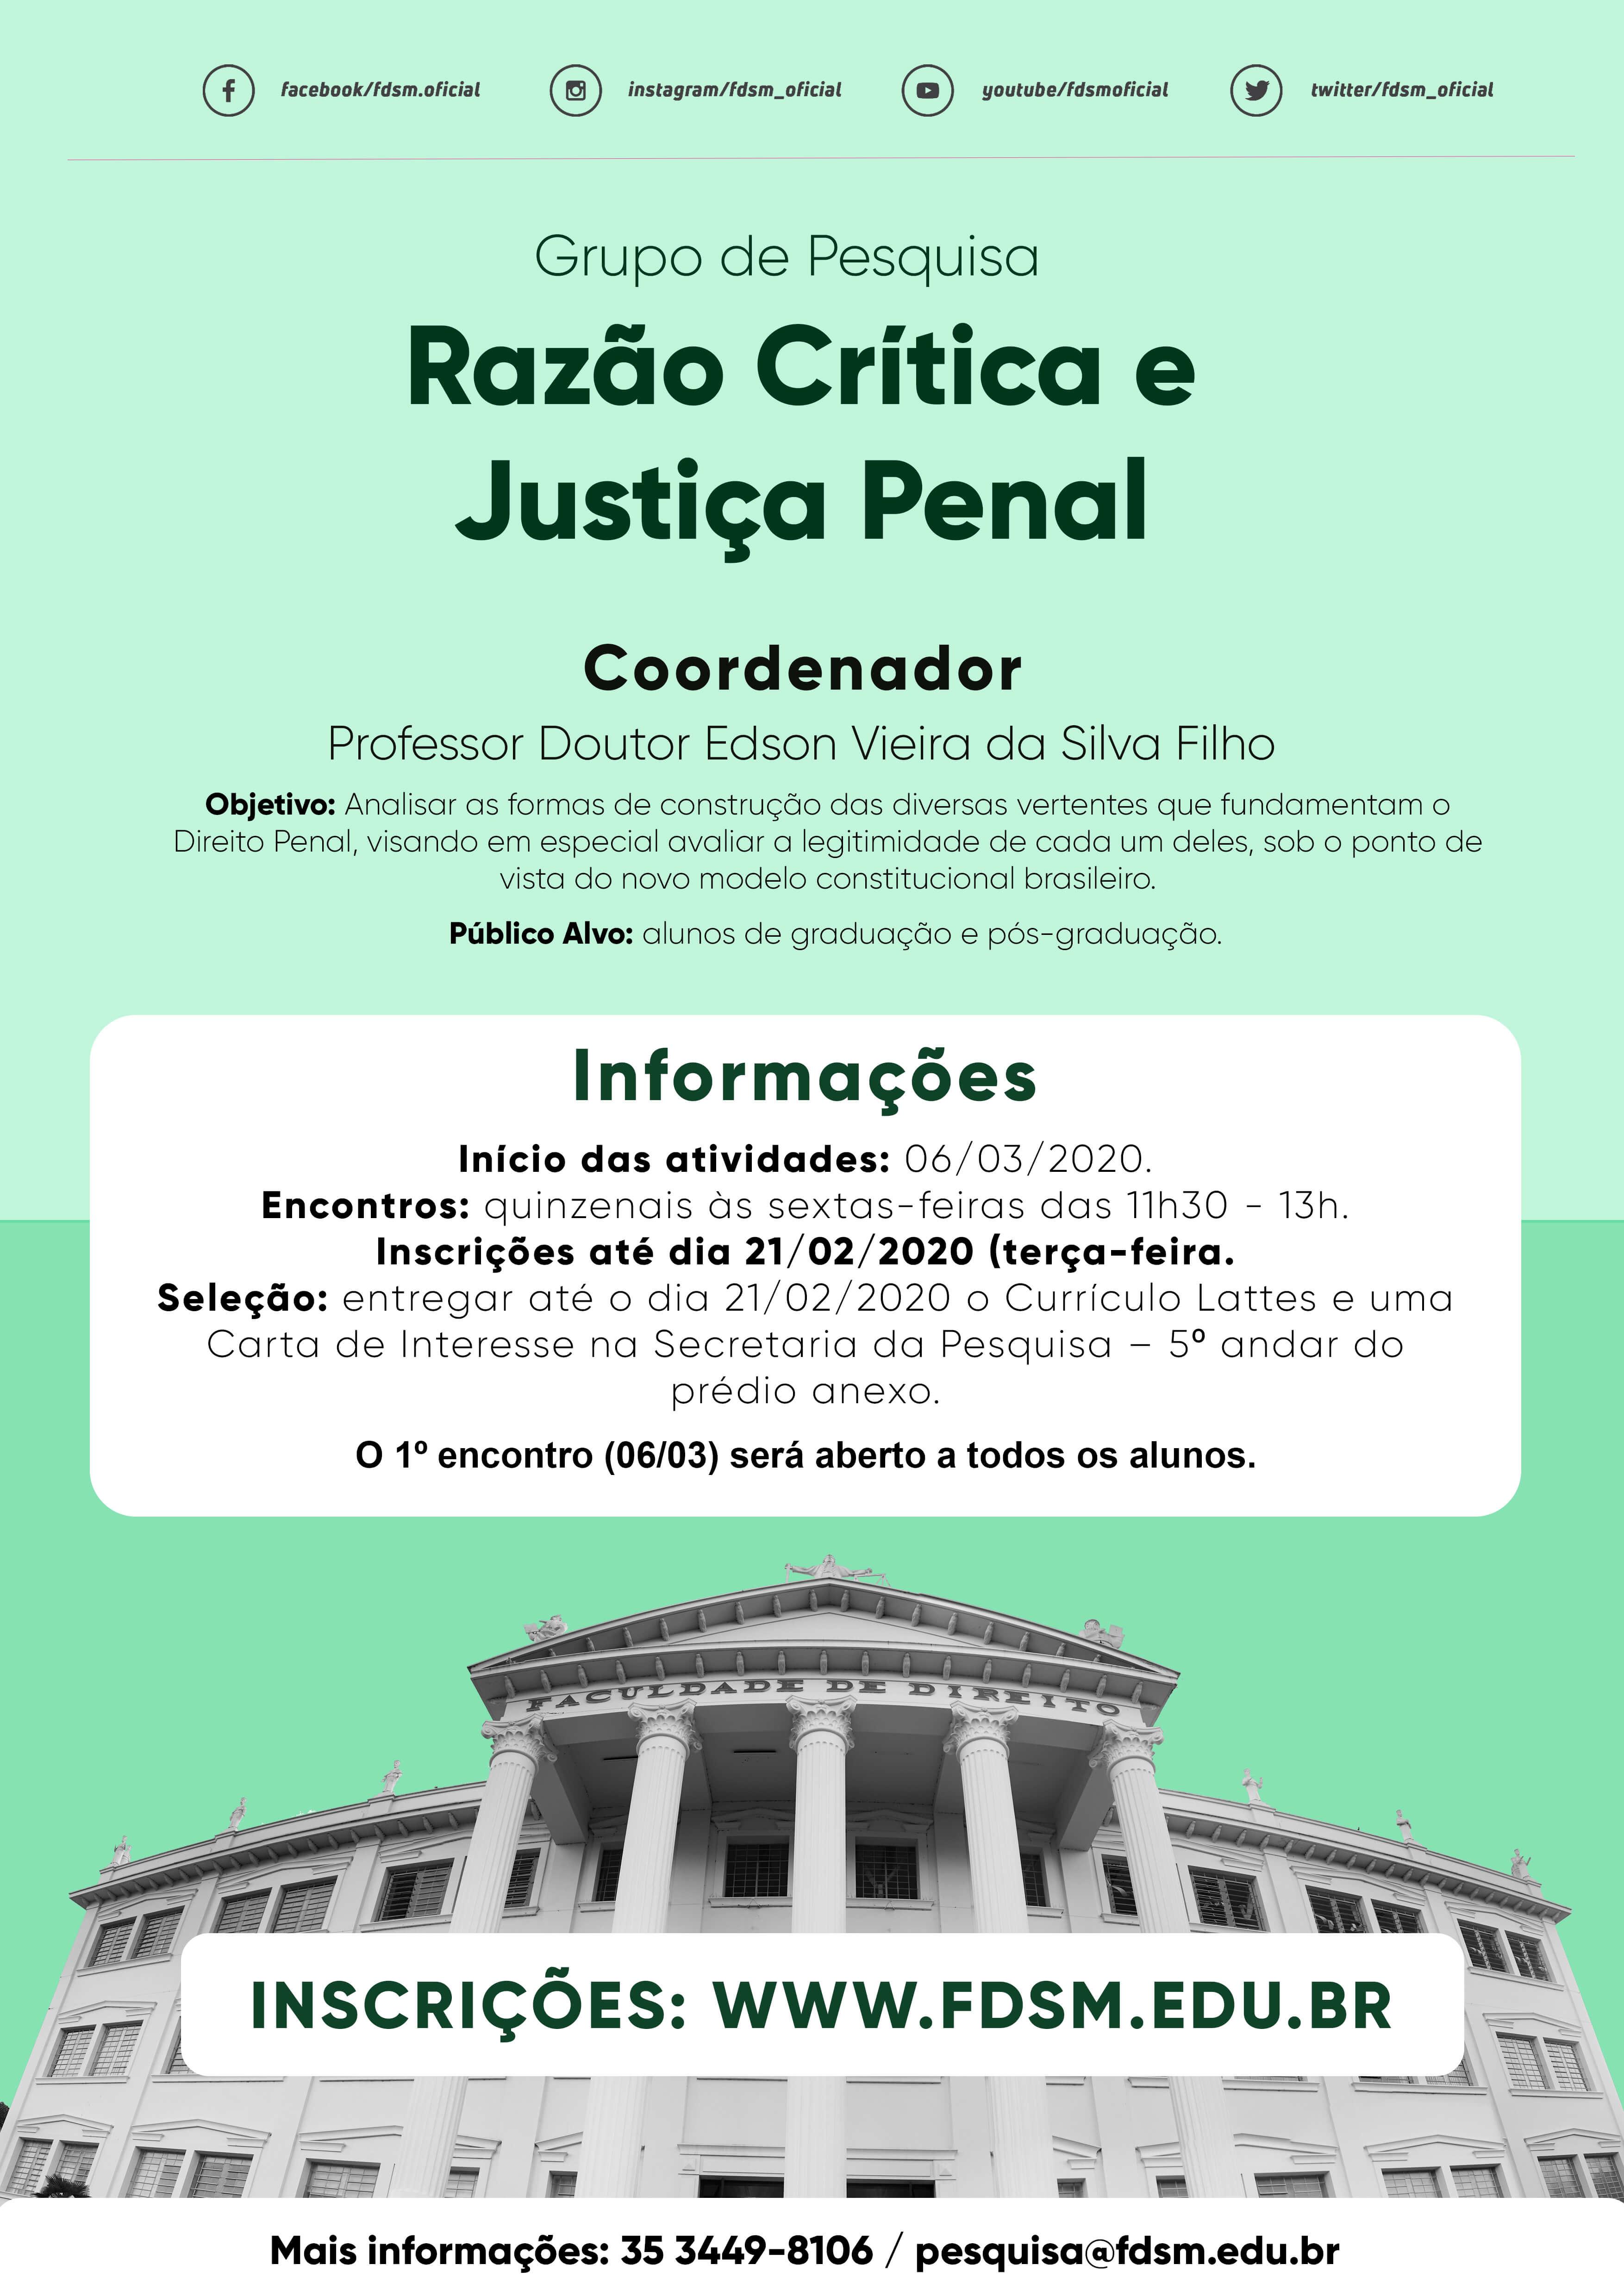 Grupo de Pesquisa: Razão Crítica e Justiça Penal